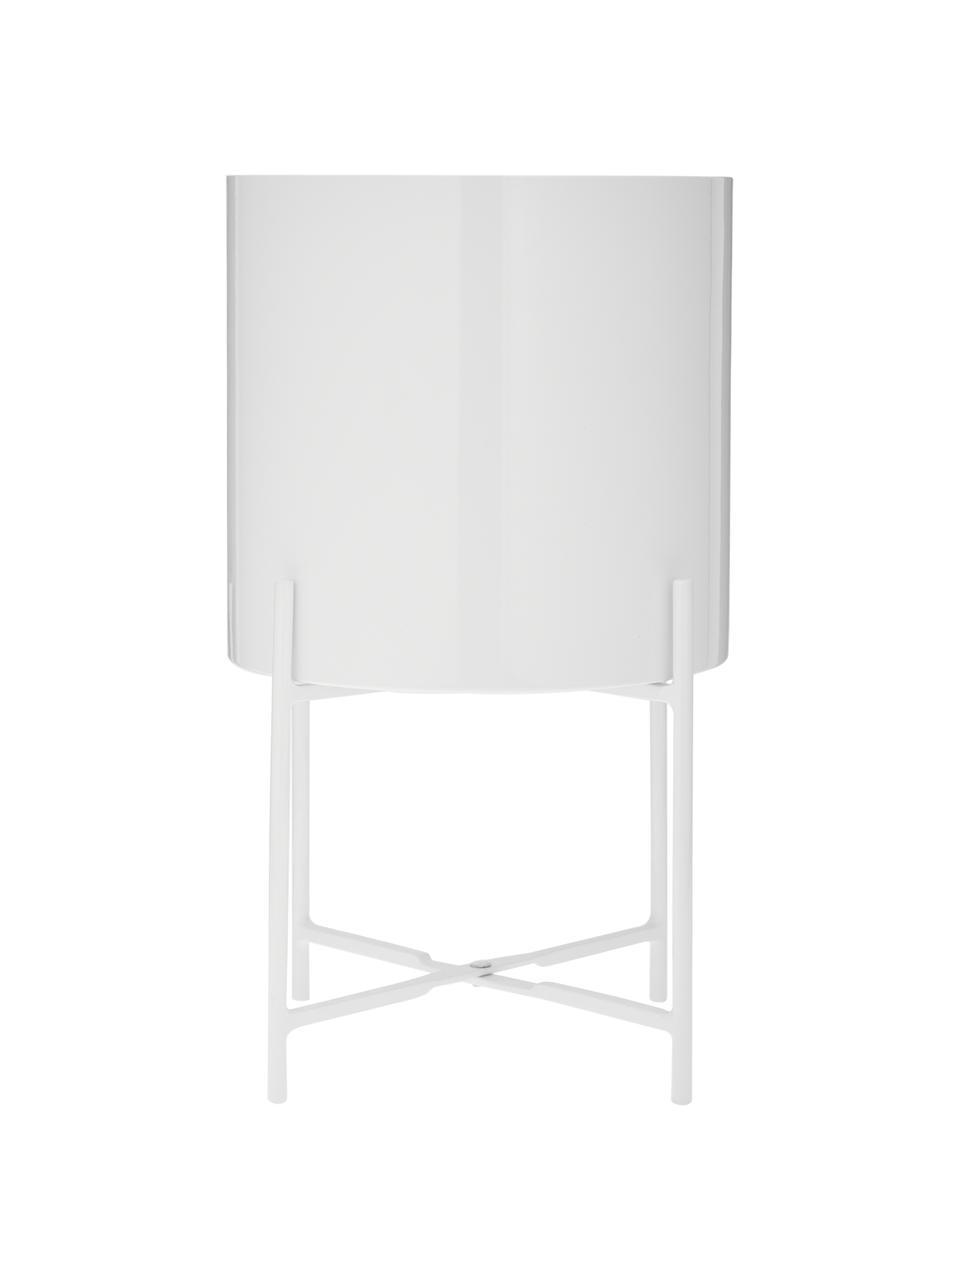 Übertopf-Set Mina aus Metall, 2-tlg., Metall, pulverbeschichtet, Weiß, matt, Sondergrößen